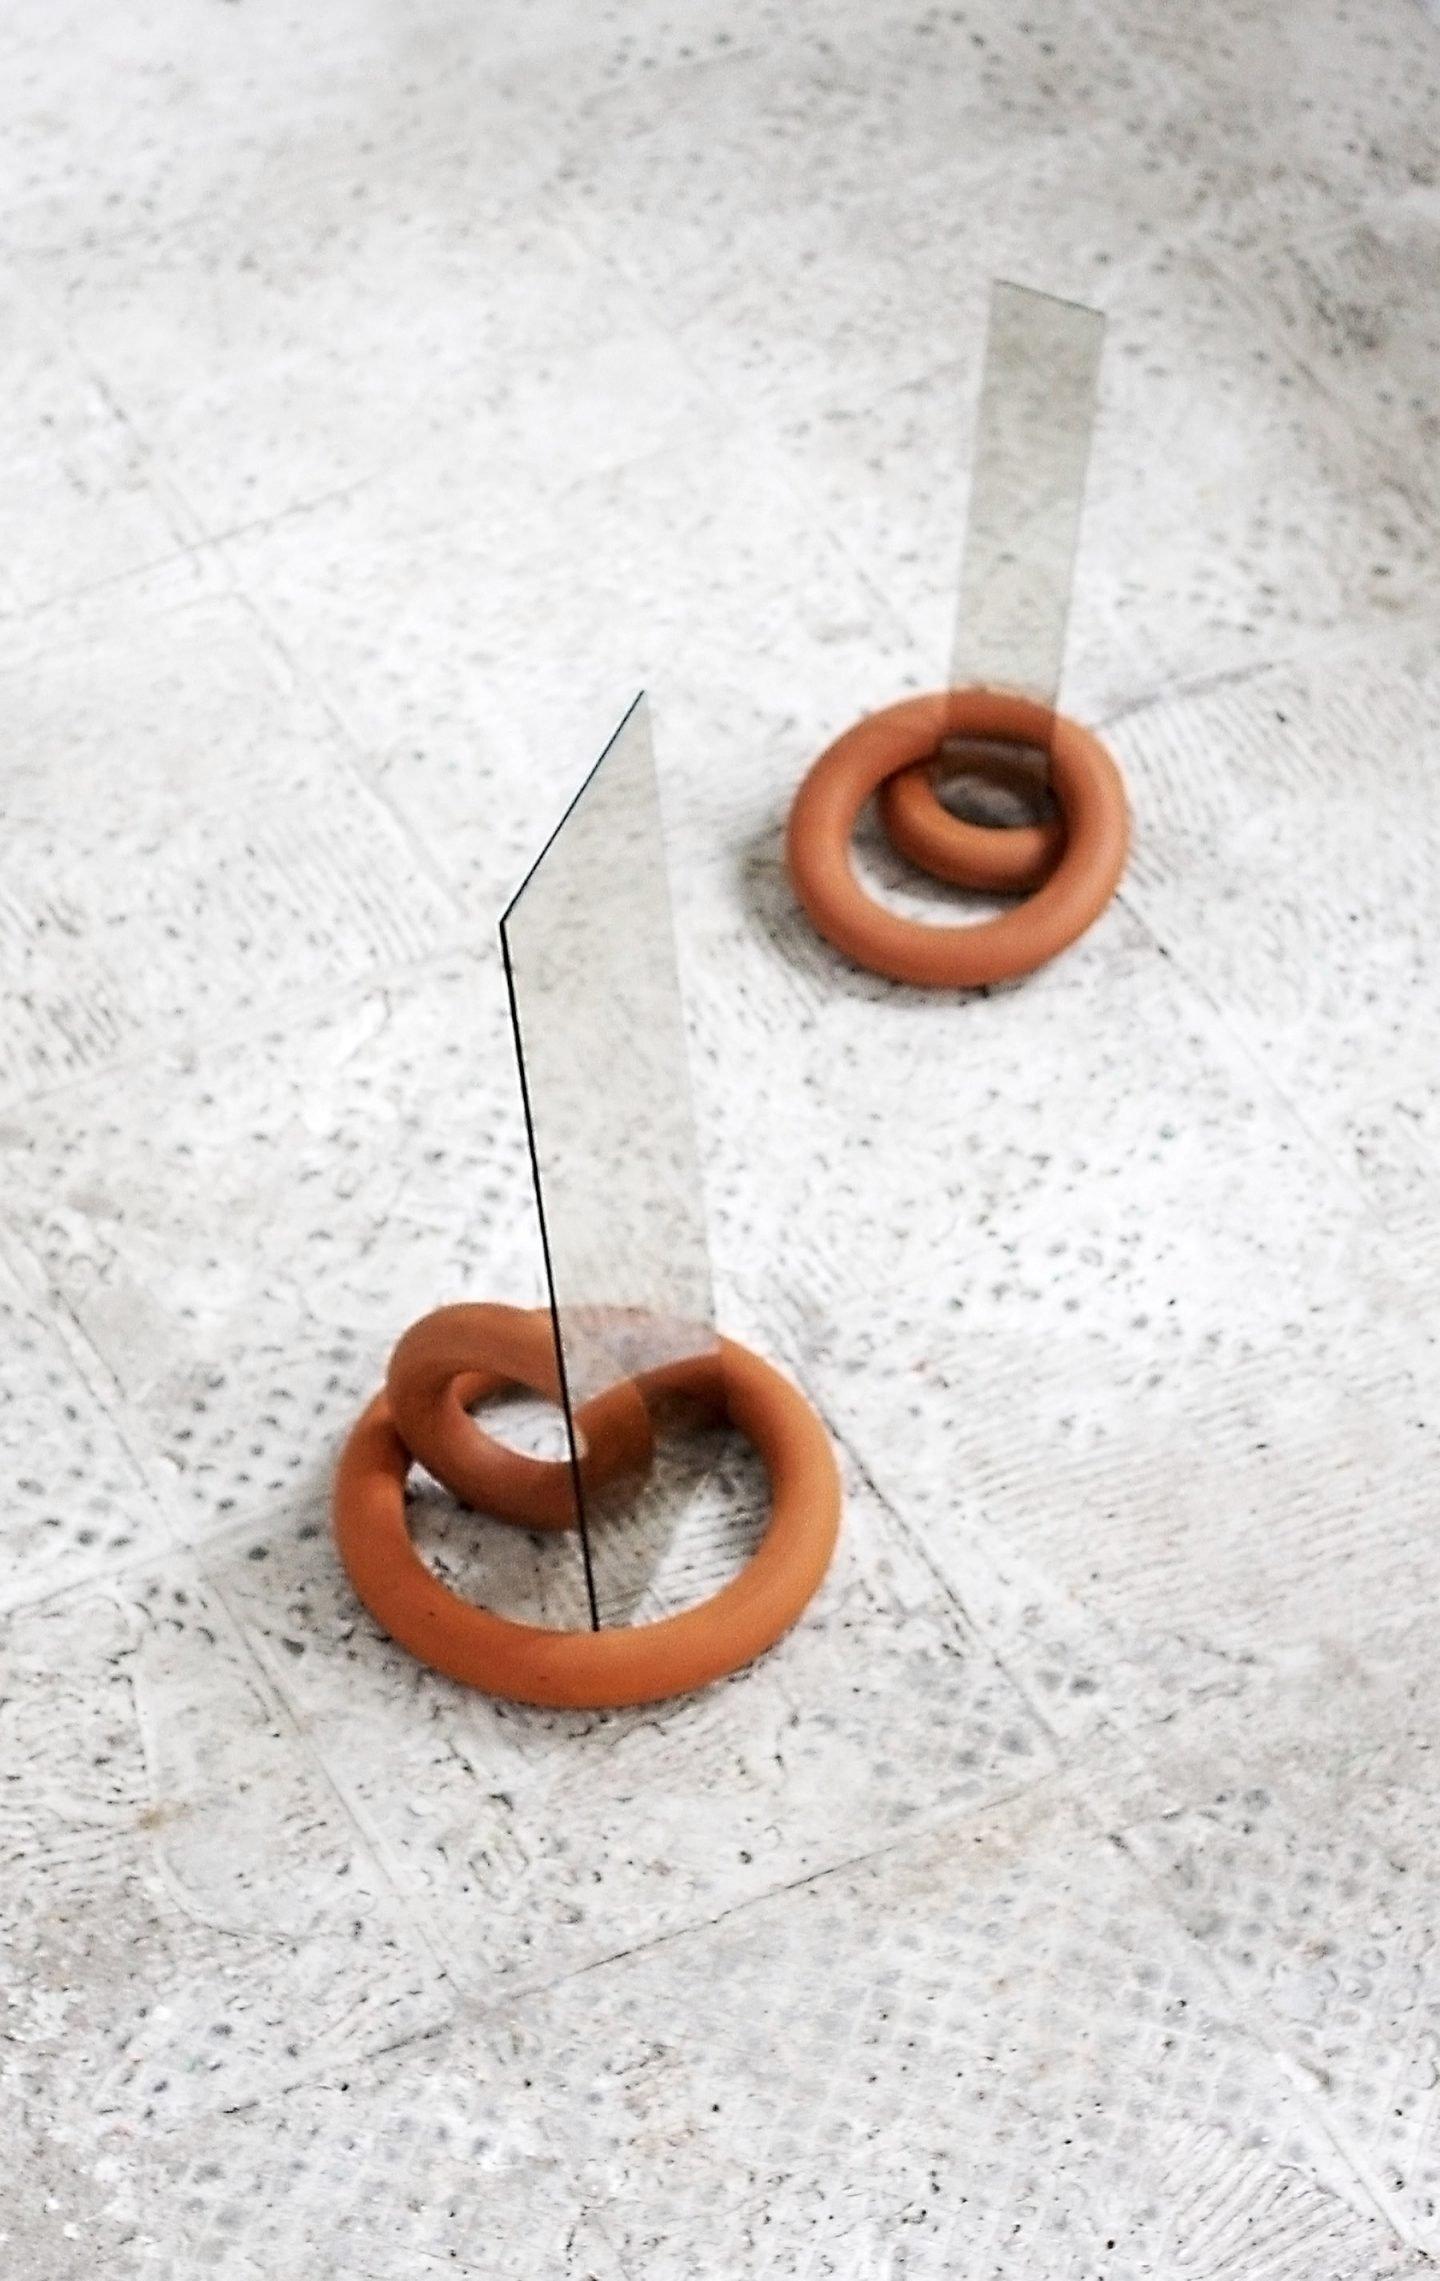 iGNANT-Design-Julen-Ussia-Acopio-001